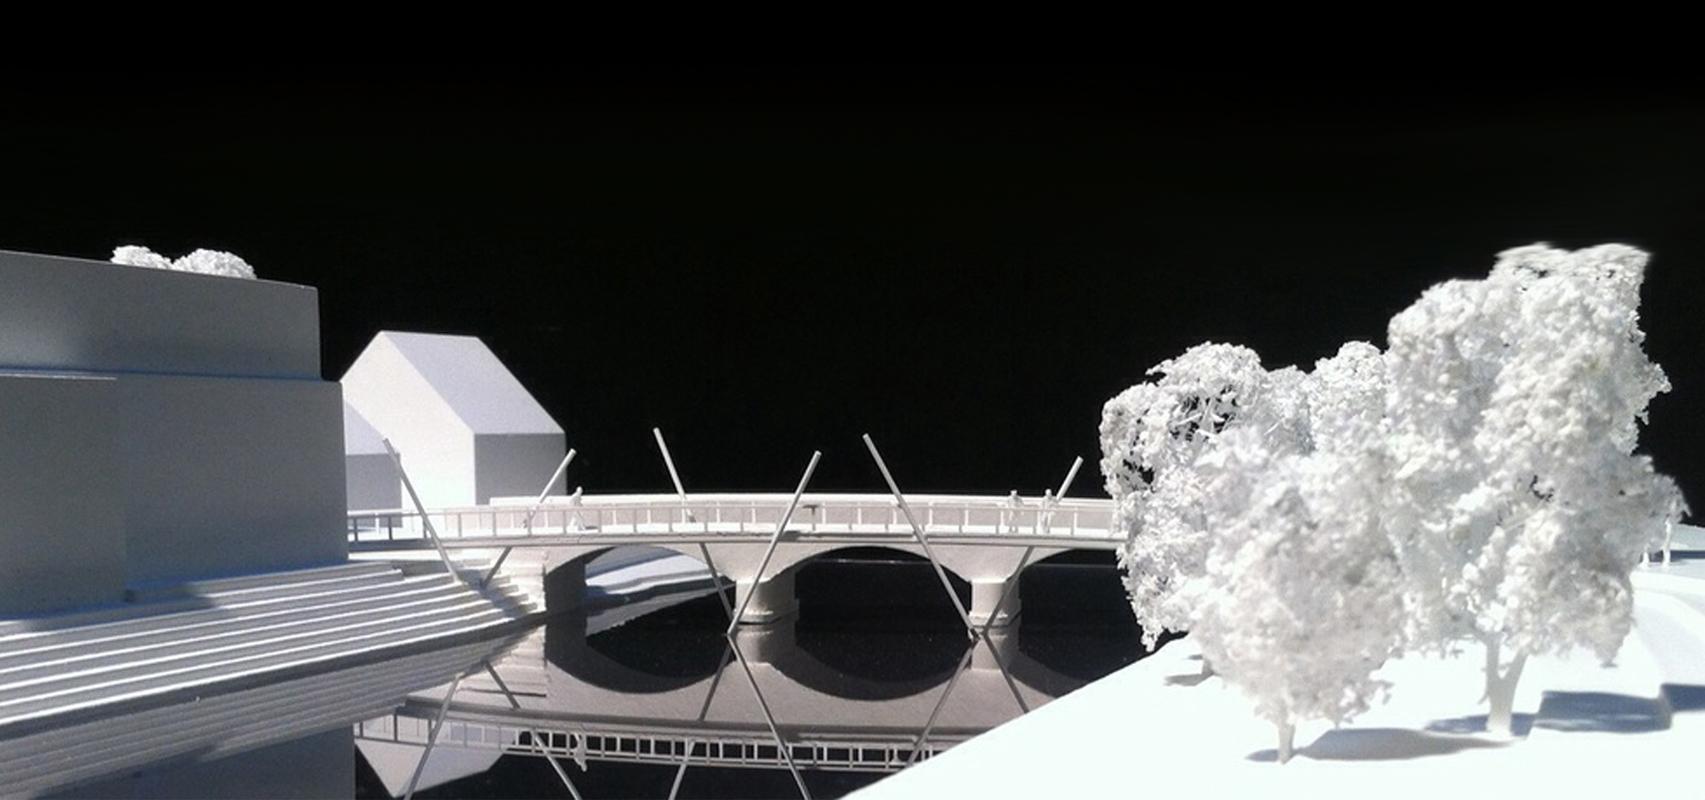 Brücke Baunach_05